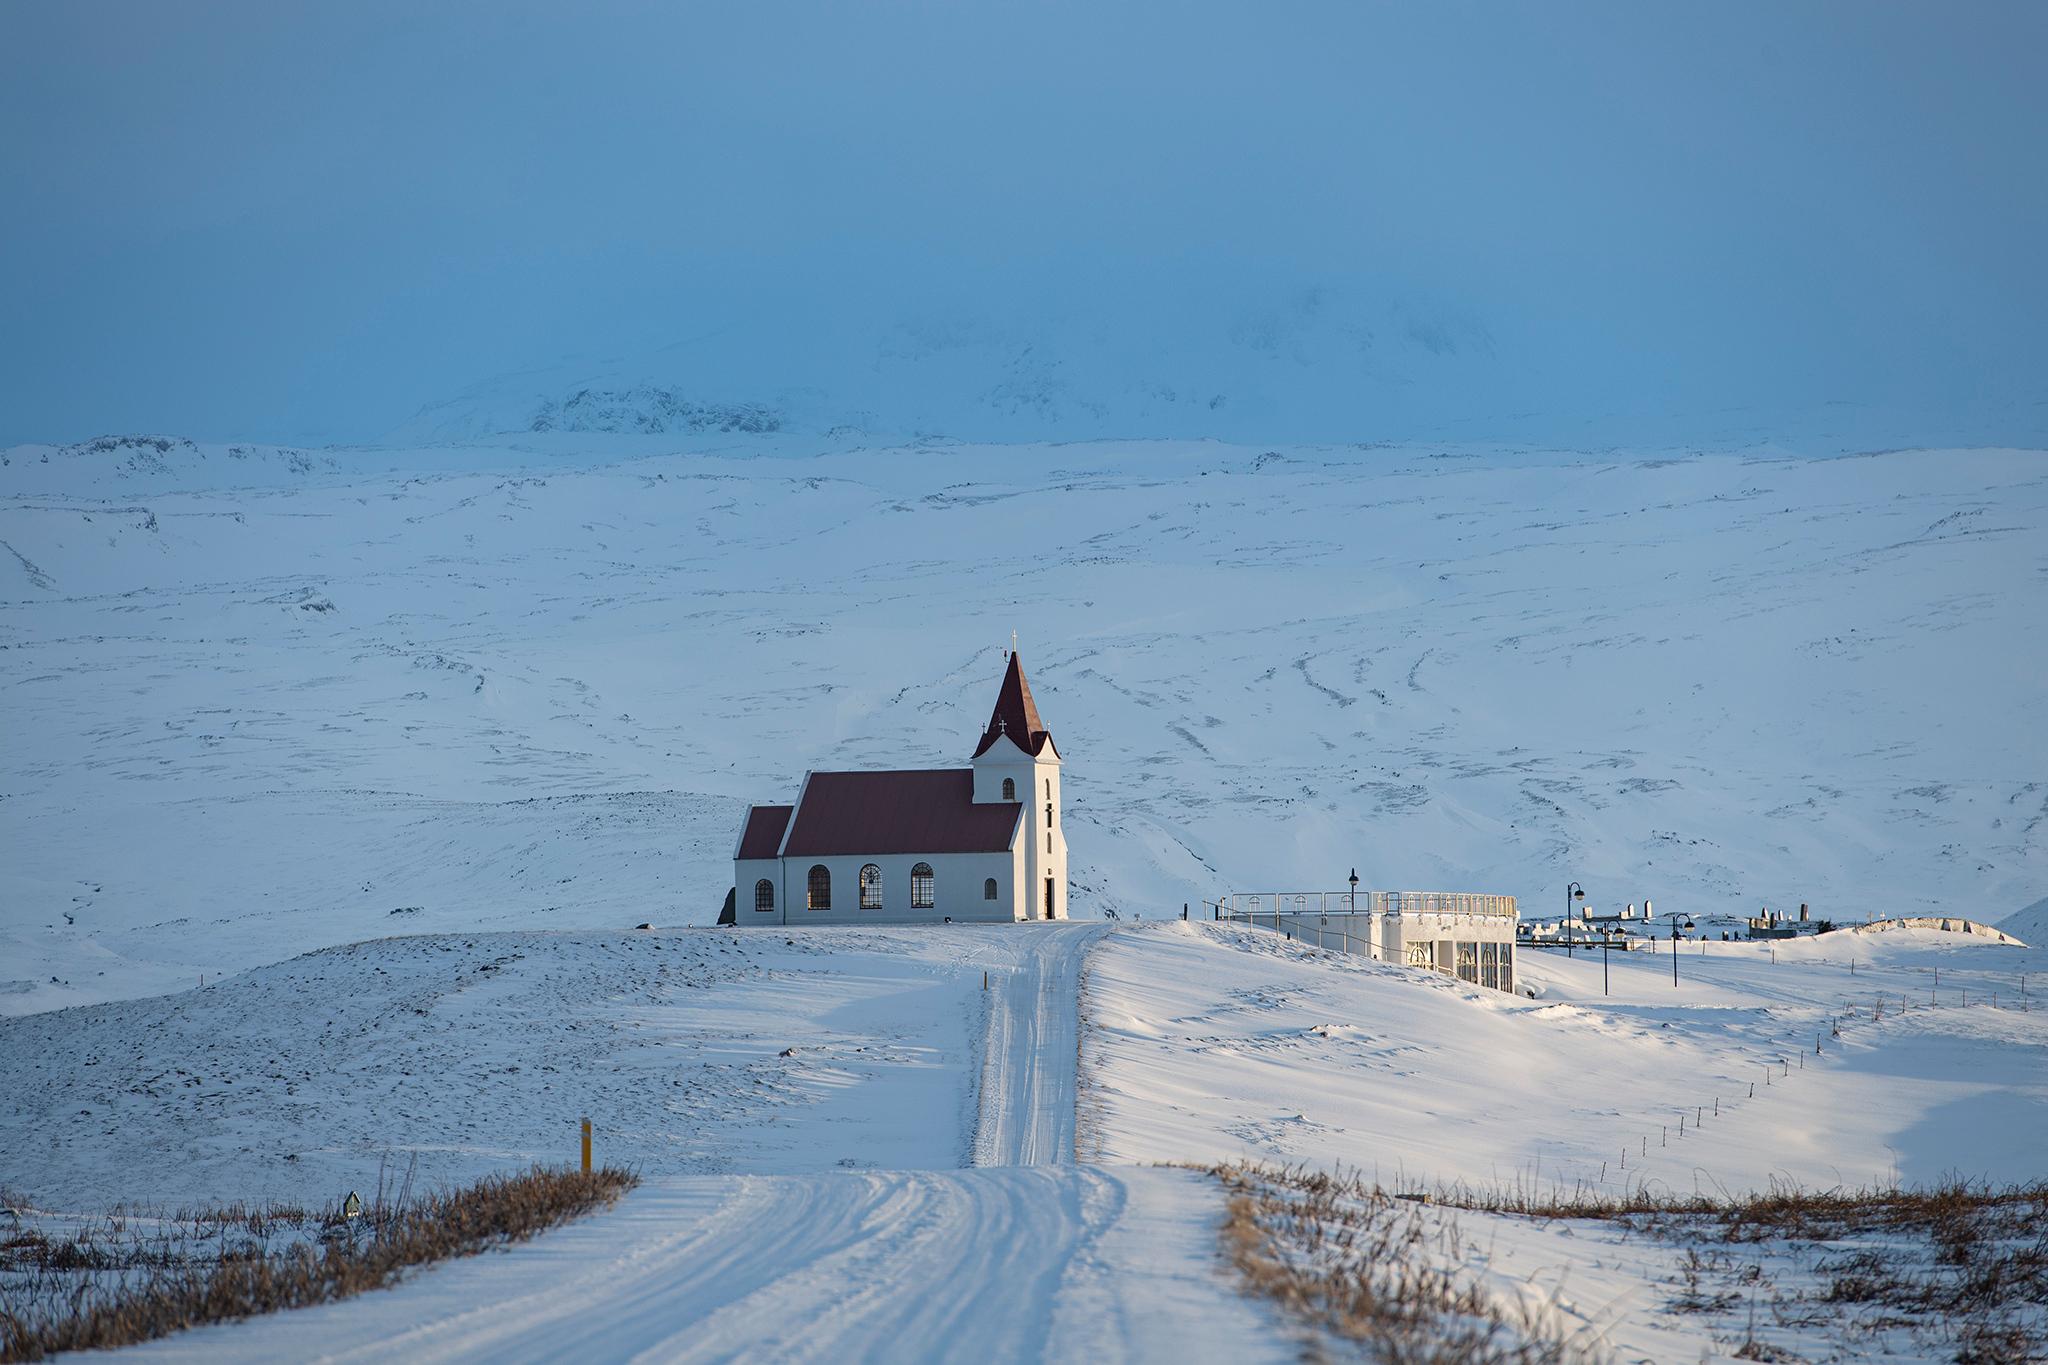 冰島攻略, 冰島婚紗, Donfer, Iceland Pre-Wedding, Ingjaldshólskirkja